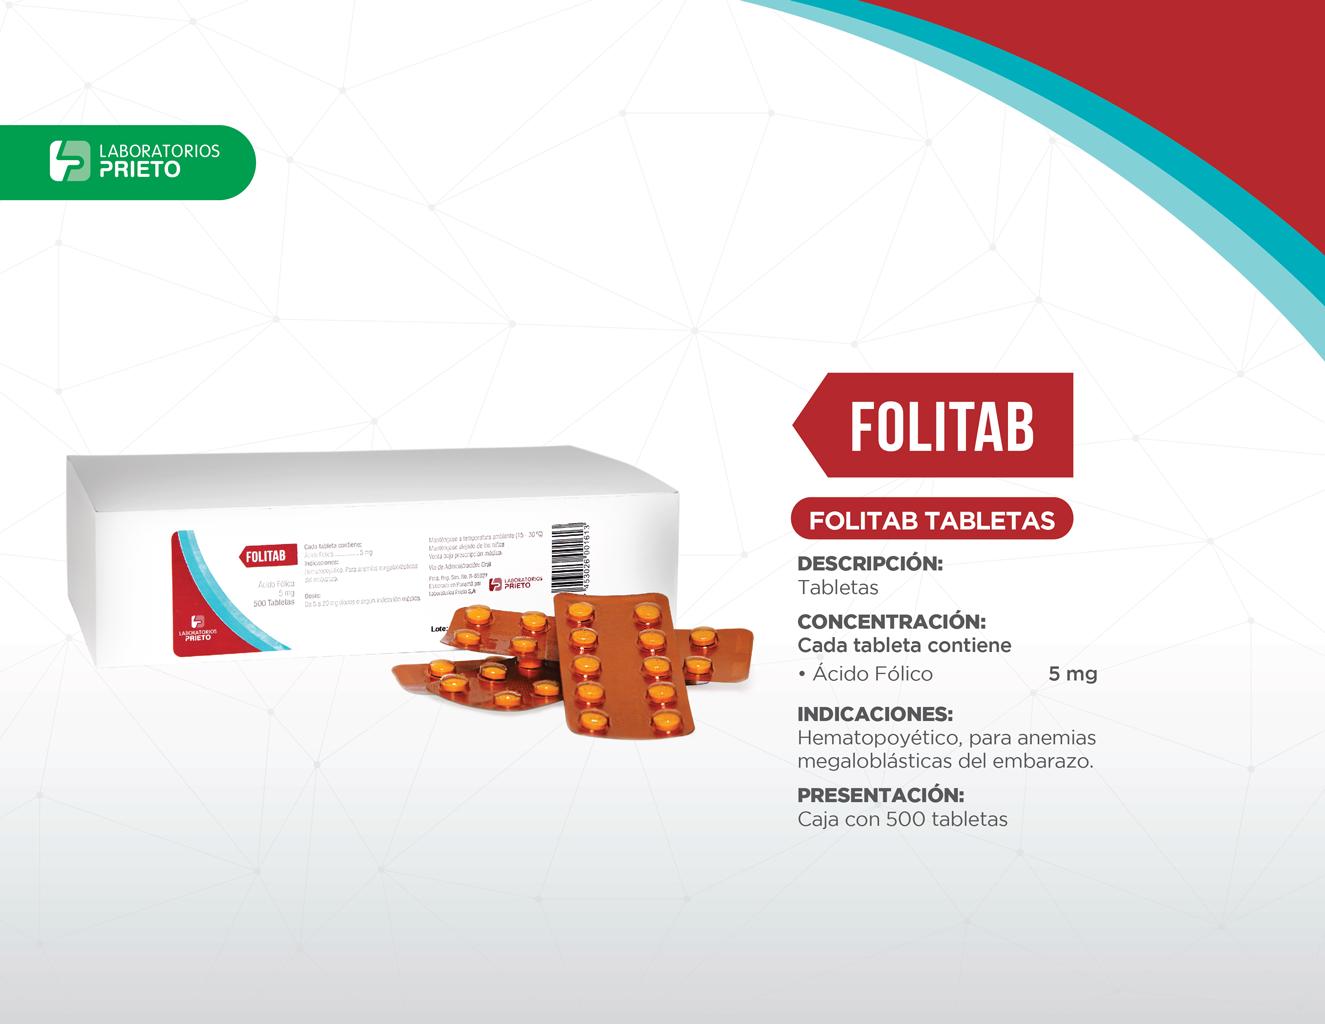 Vademecum-de-productos-Laboratorios-Prieto_Page_31